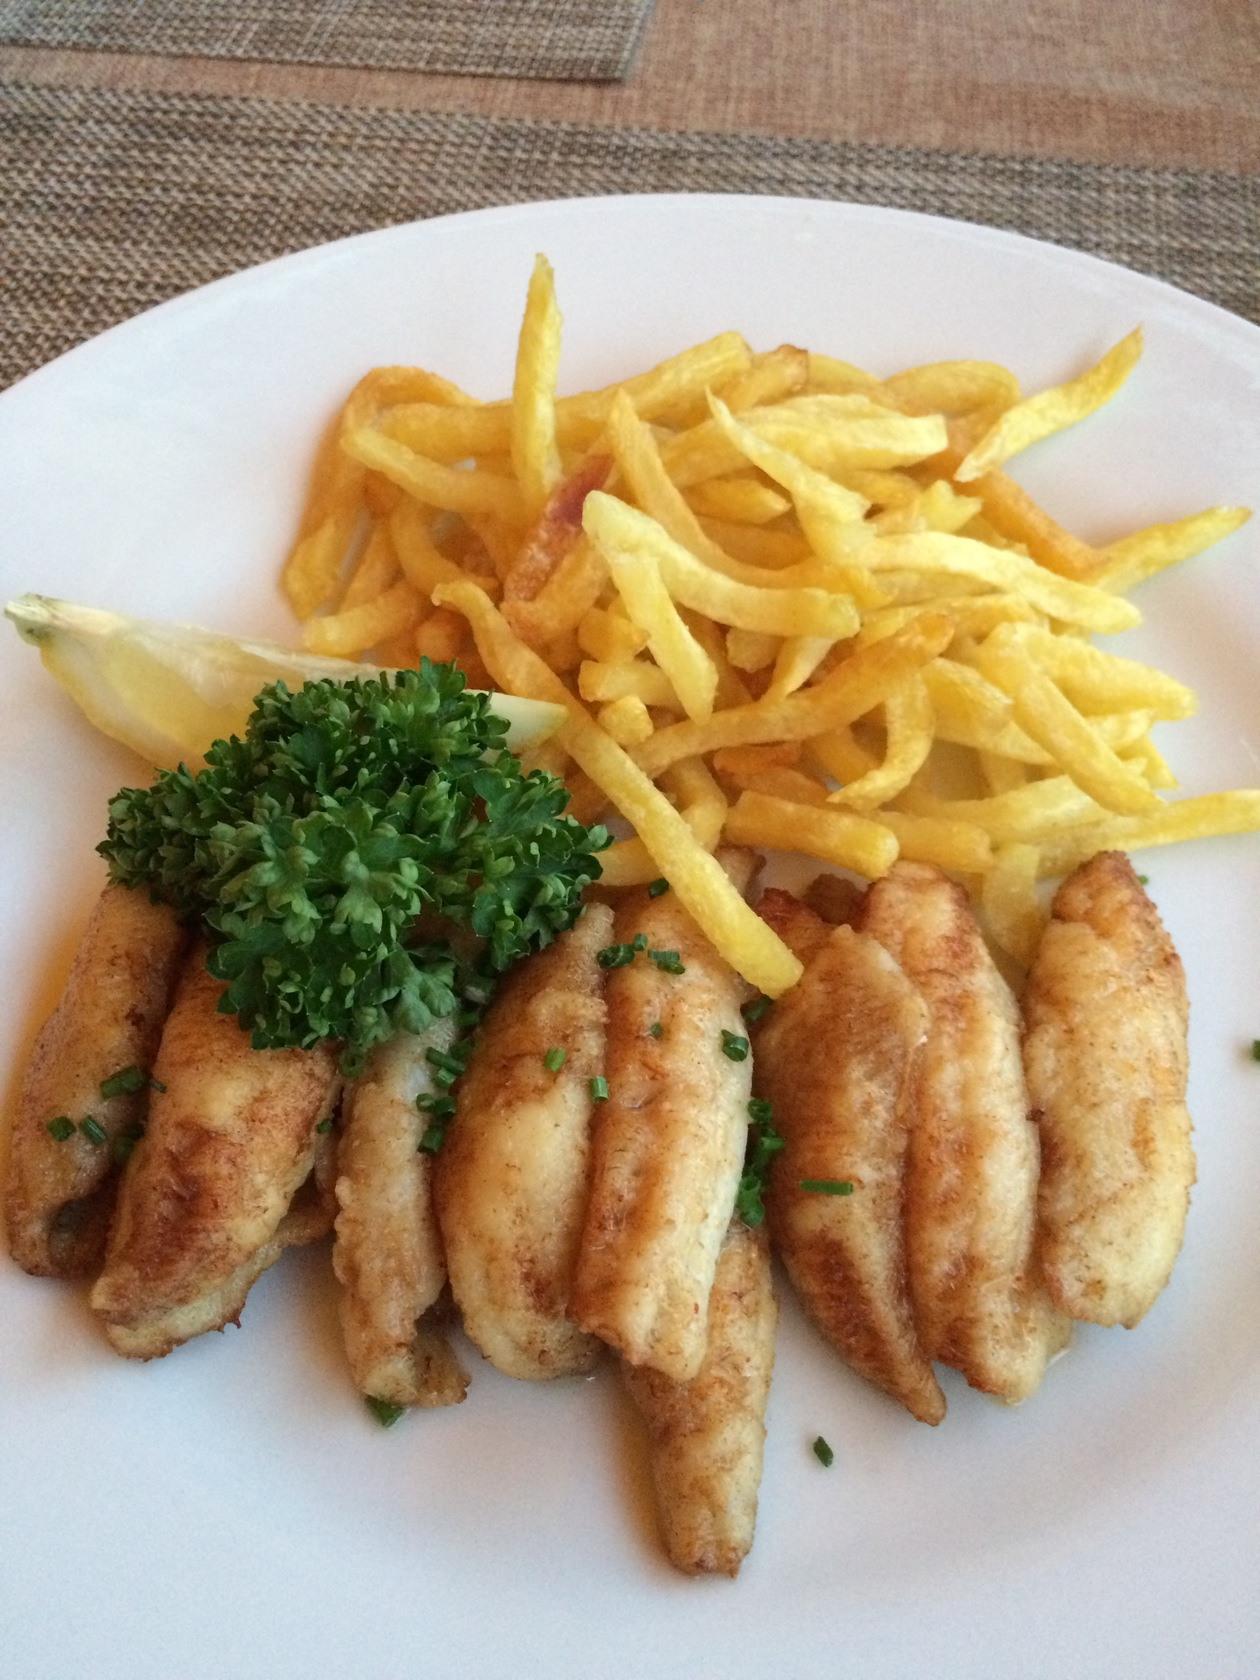 フィレドペーシュ | ジュネーブ在住レマンロコさんのおすすめ料理・食べ物